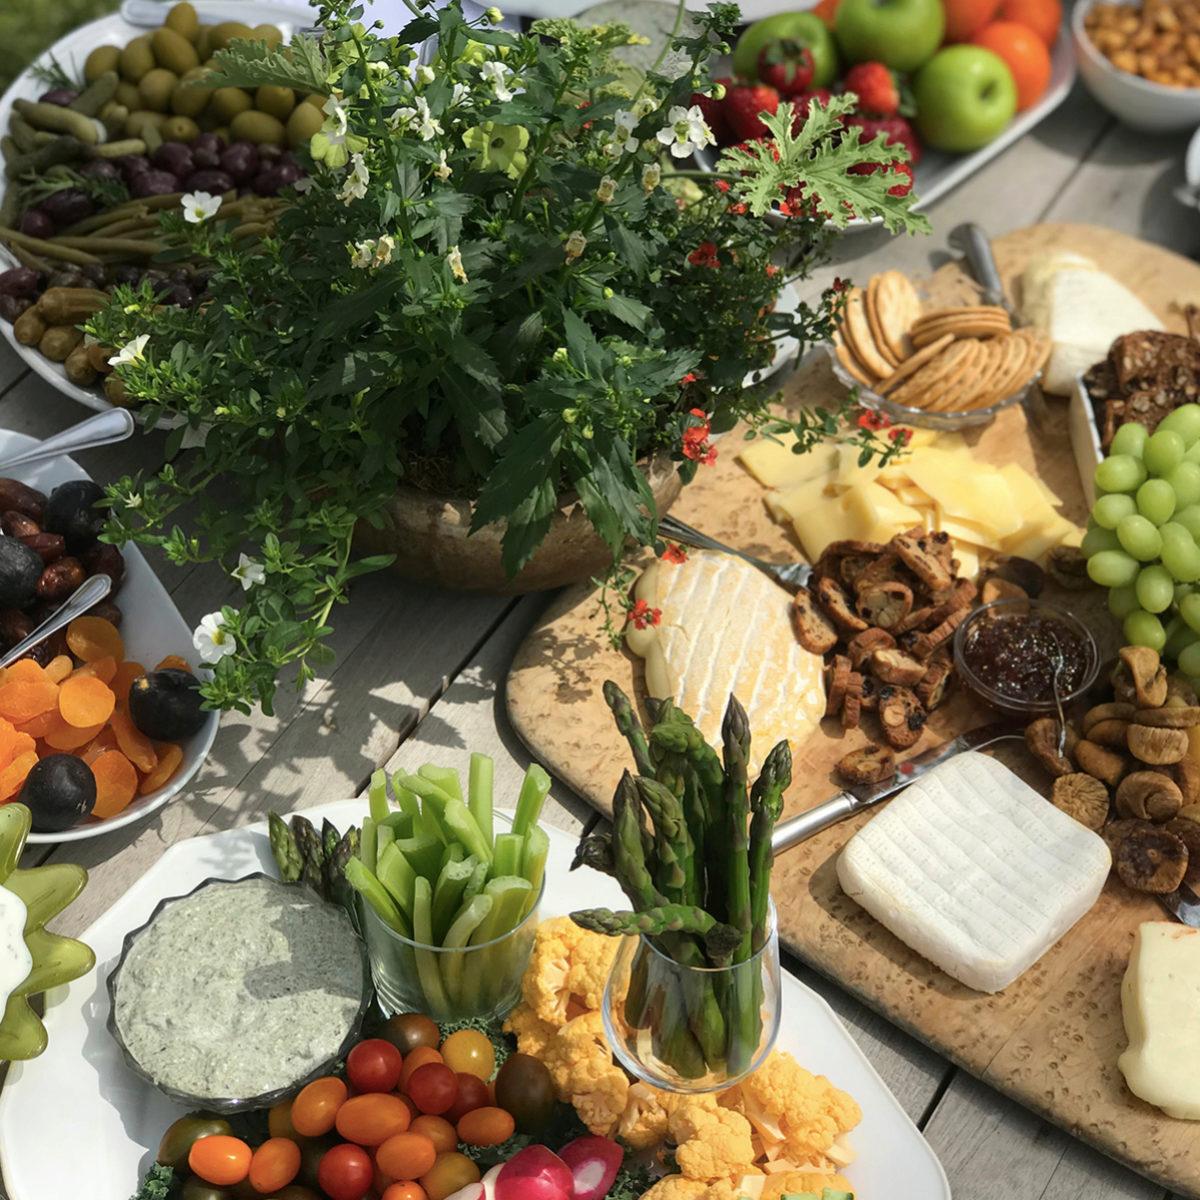 Hay alimentos que son aptos para la operación bikini en los banquetes...